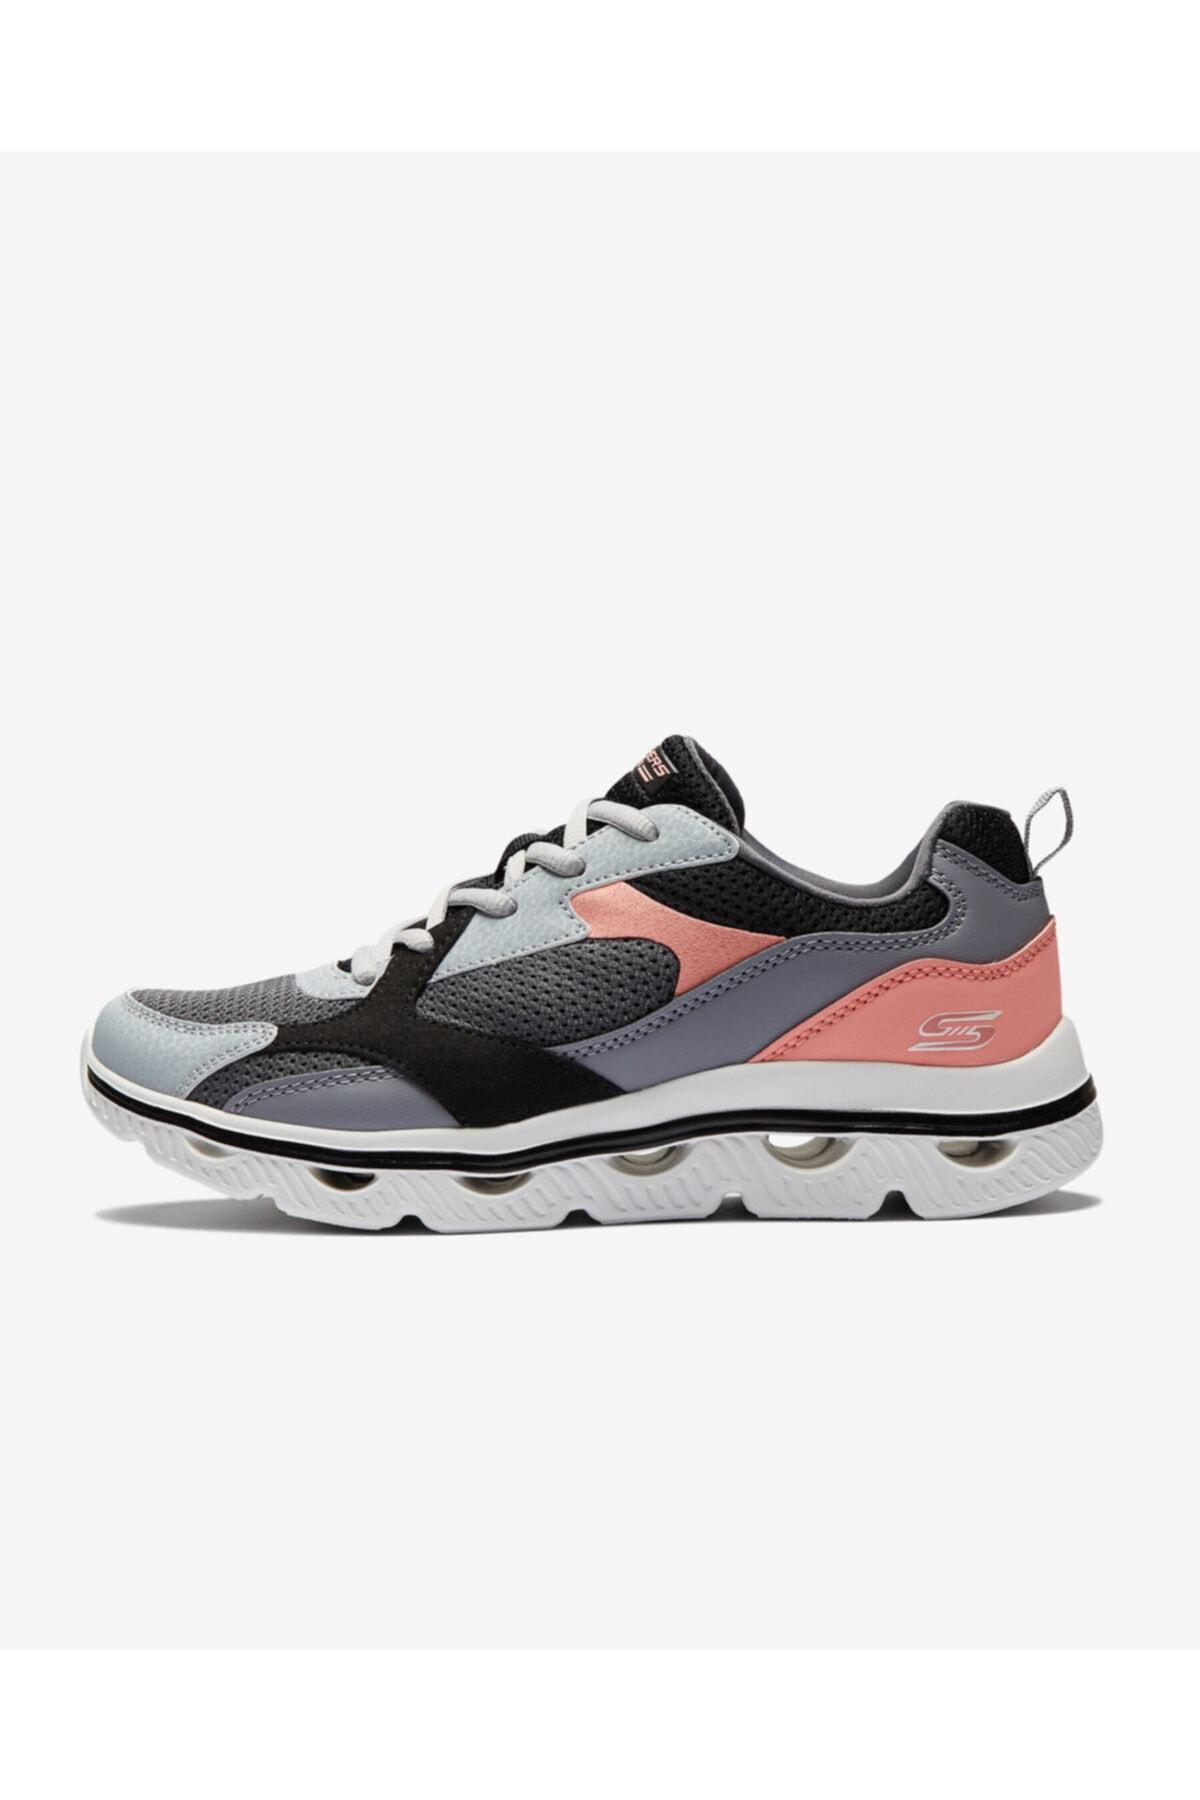 SKECHERS BOB'S SPORT ARC WAVES - GLIDE & FLY Kadın Gri Spor Ayakkabı 1